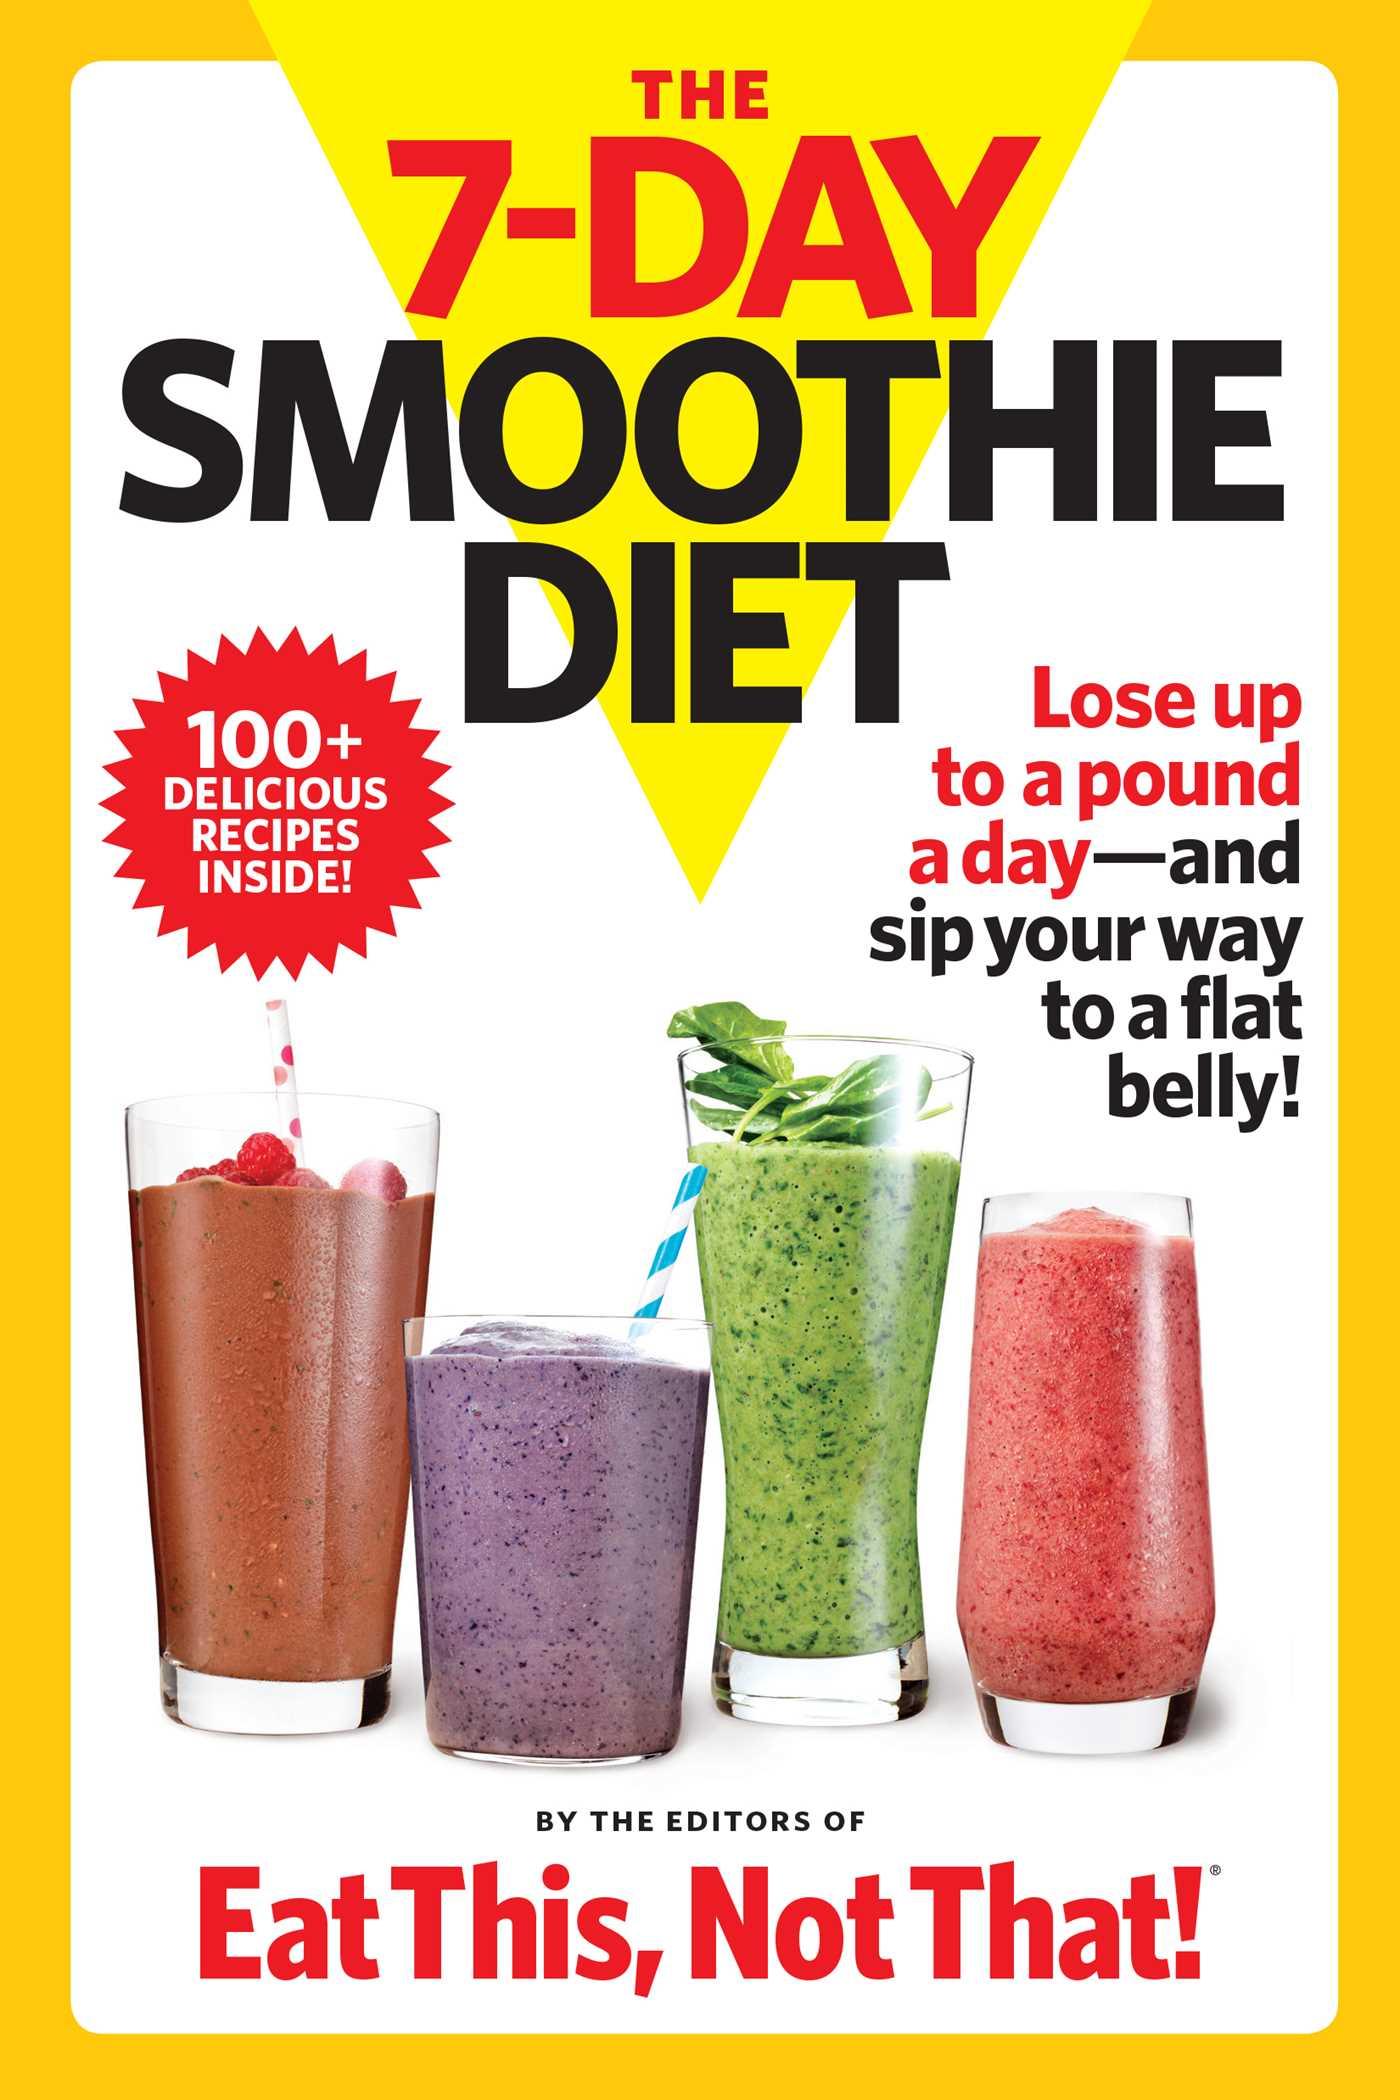 The 7 day smoothie diet 9781940358215 hr